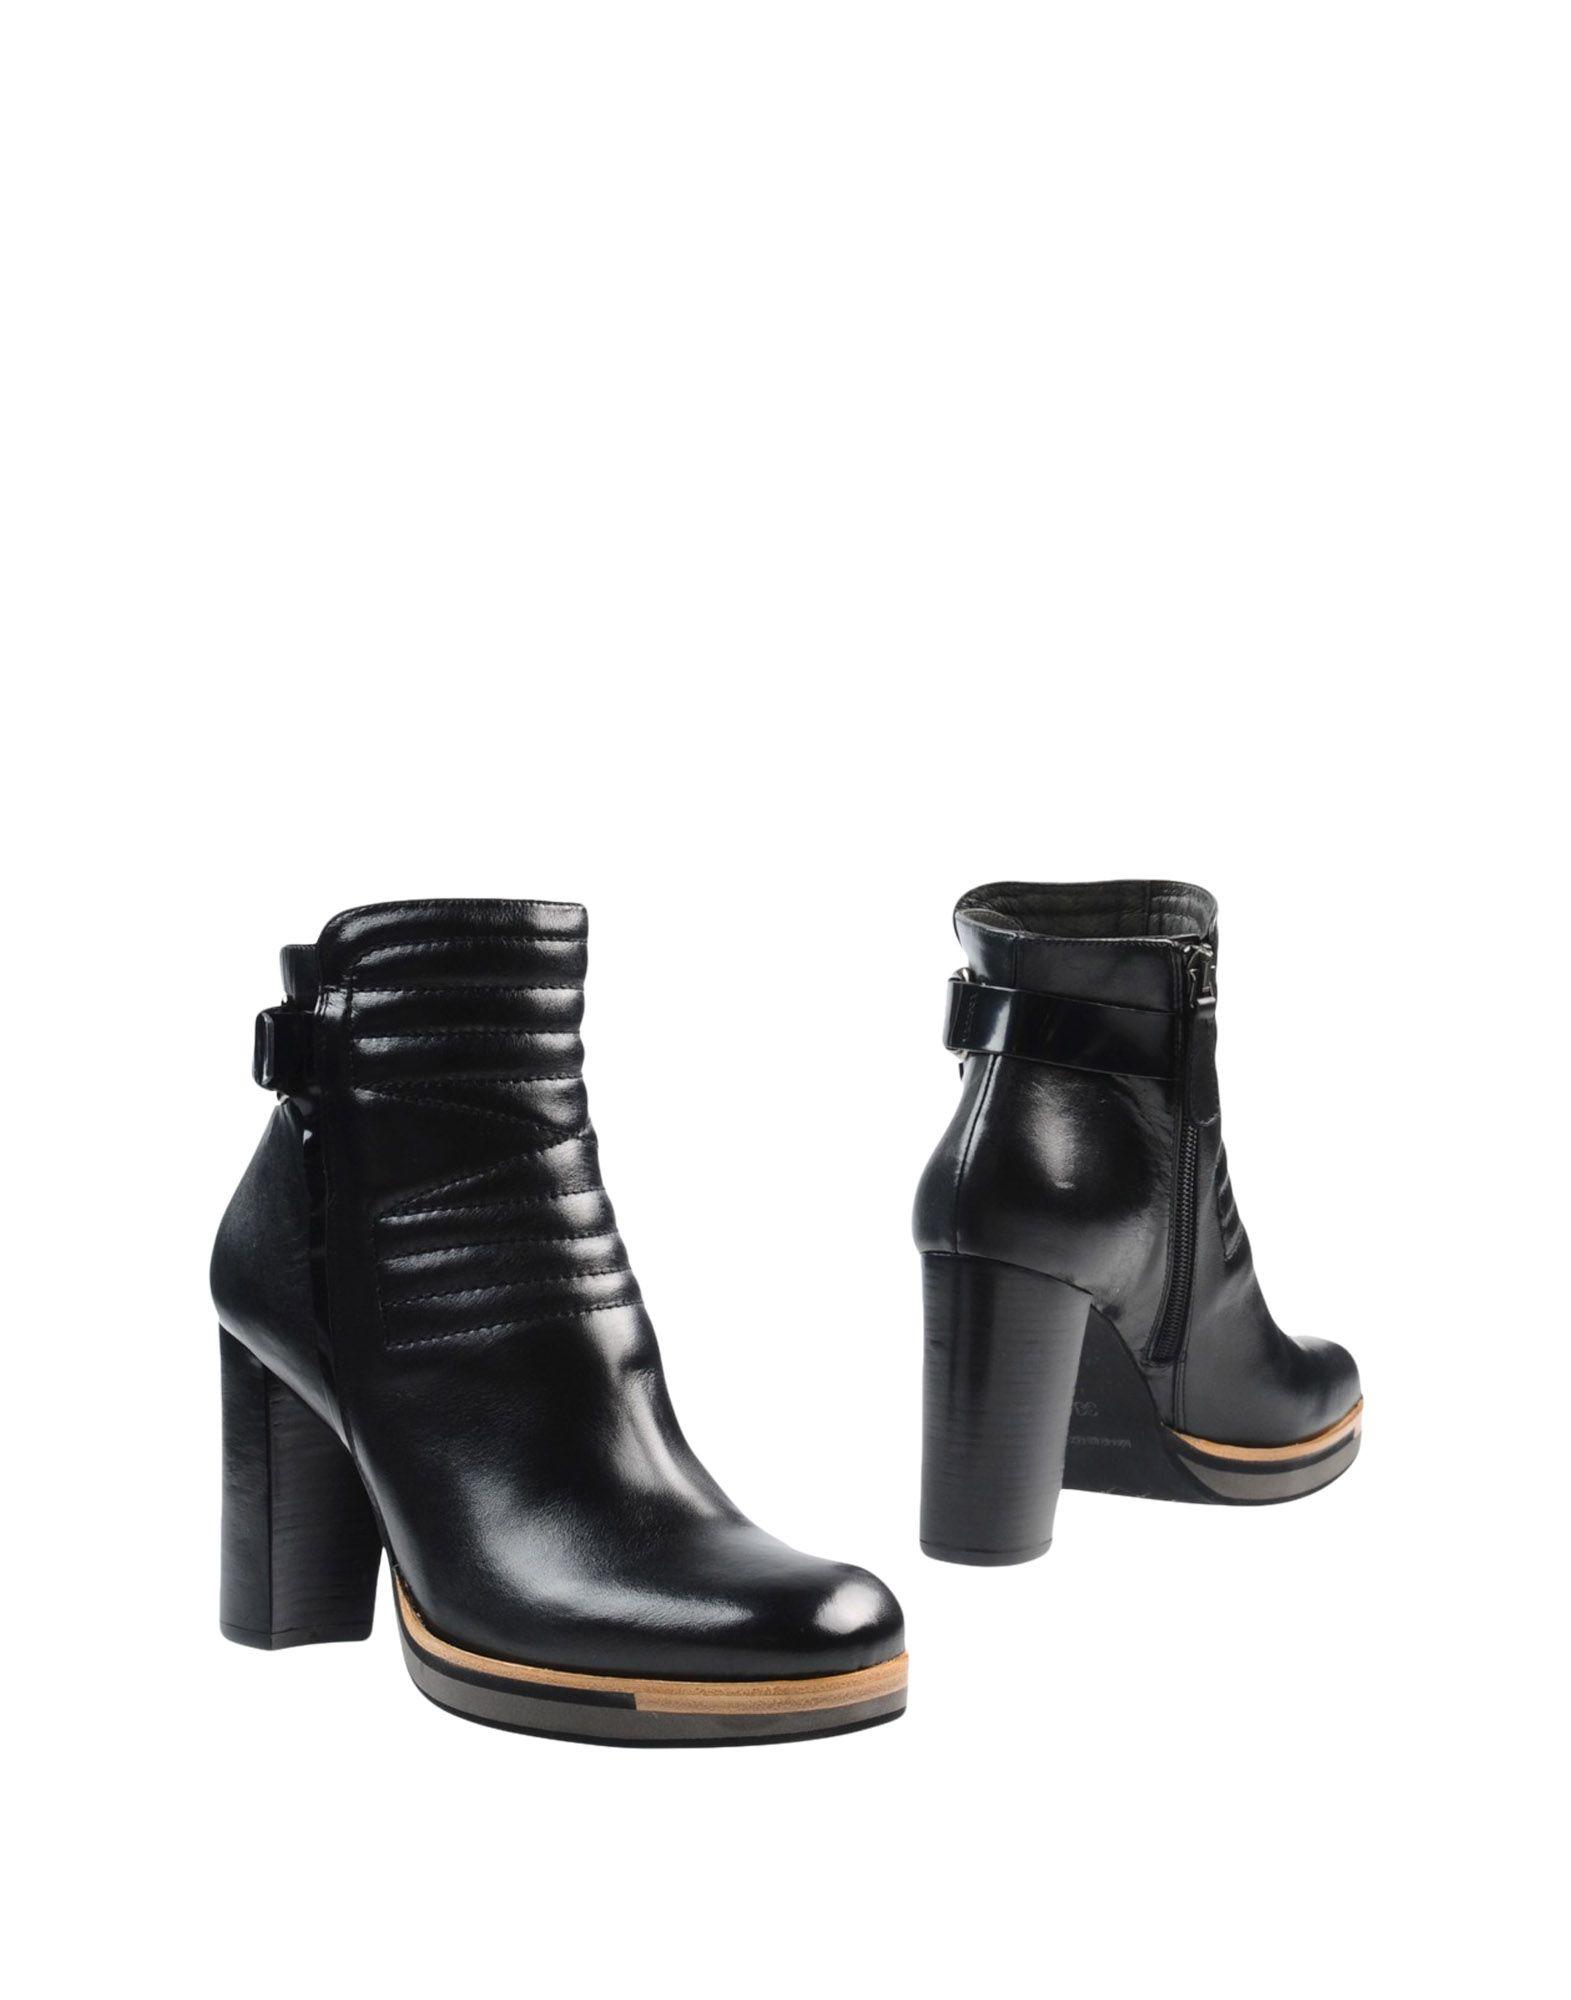 Zinda Stiefelette Damen  11307658XI Gute Qualität beliebte Schuhe